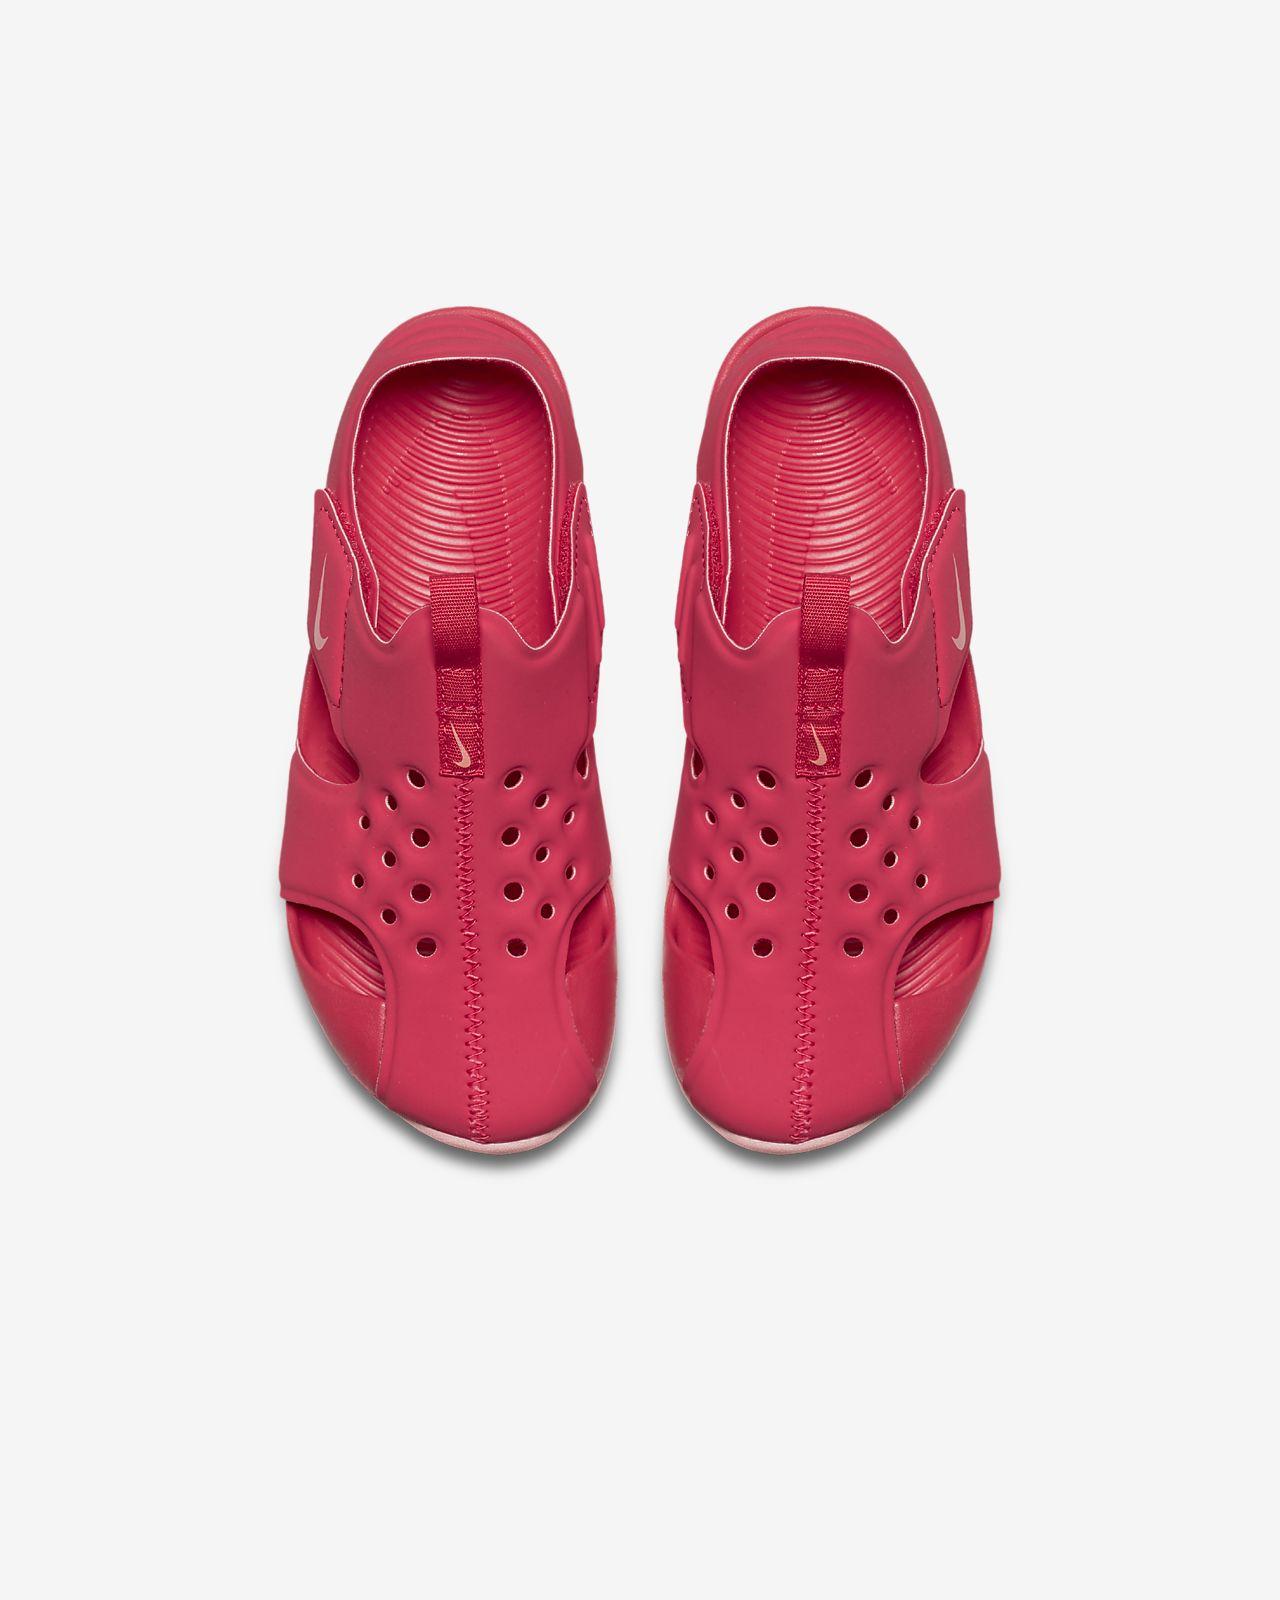 Nike Sunray Protect 2 Younger Kids  Sandal. Nike.com CA 833b33fec